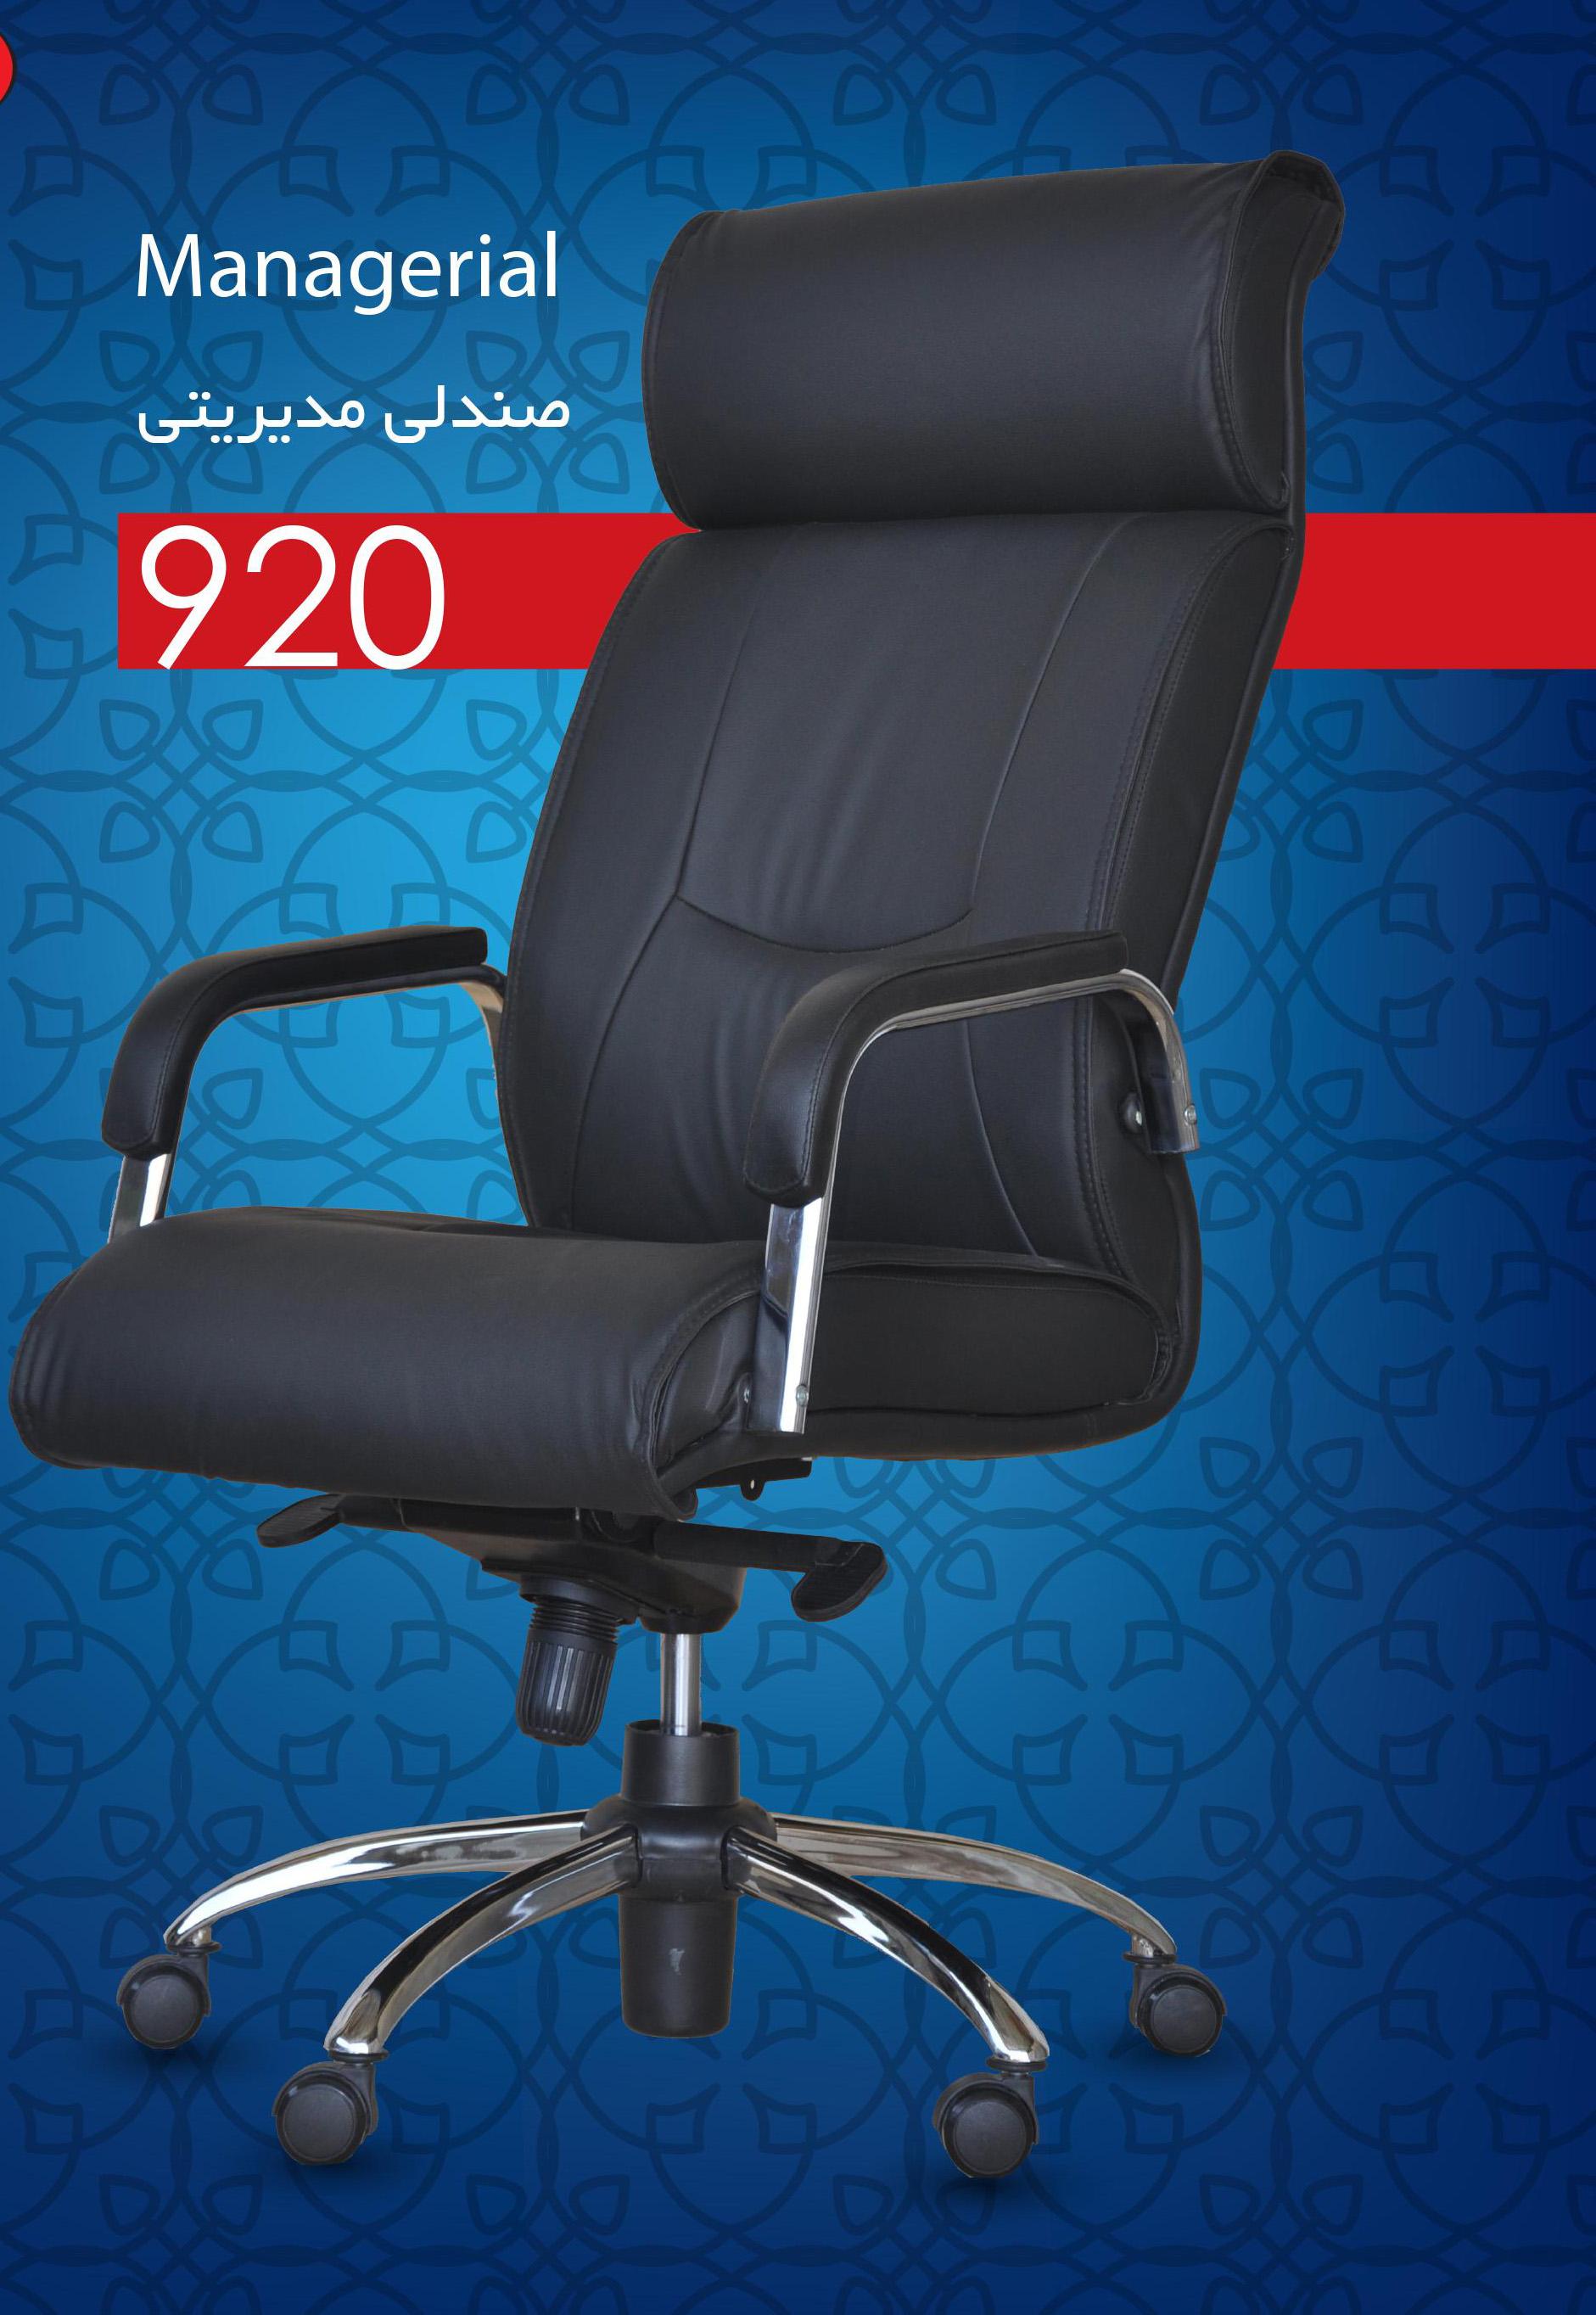 صندلی مدیریتی 920